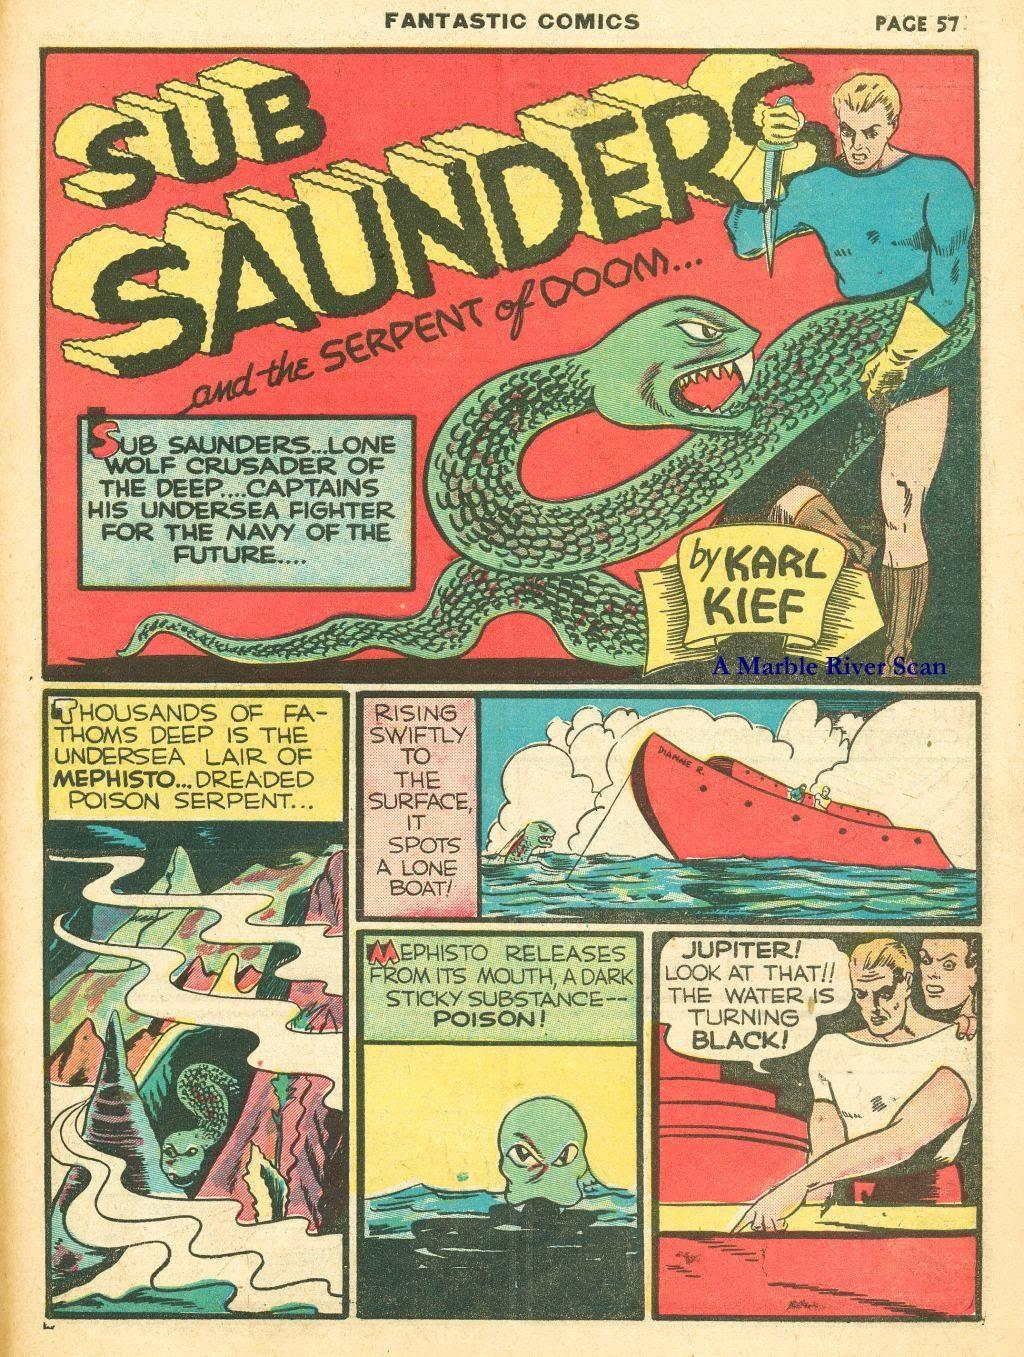 Read online Fantastic Comics comic -  Issue #12 - 59